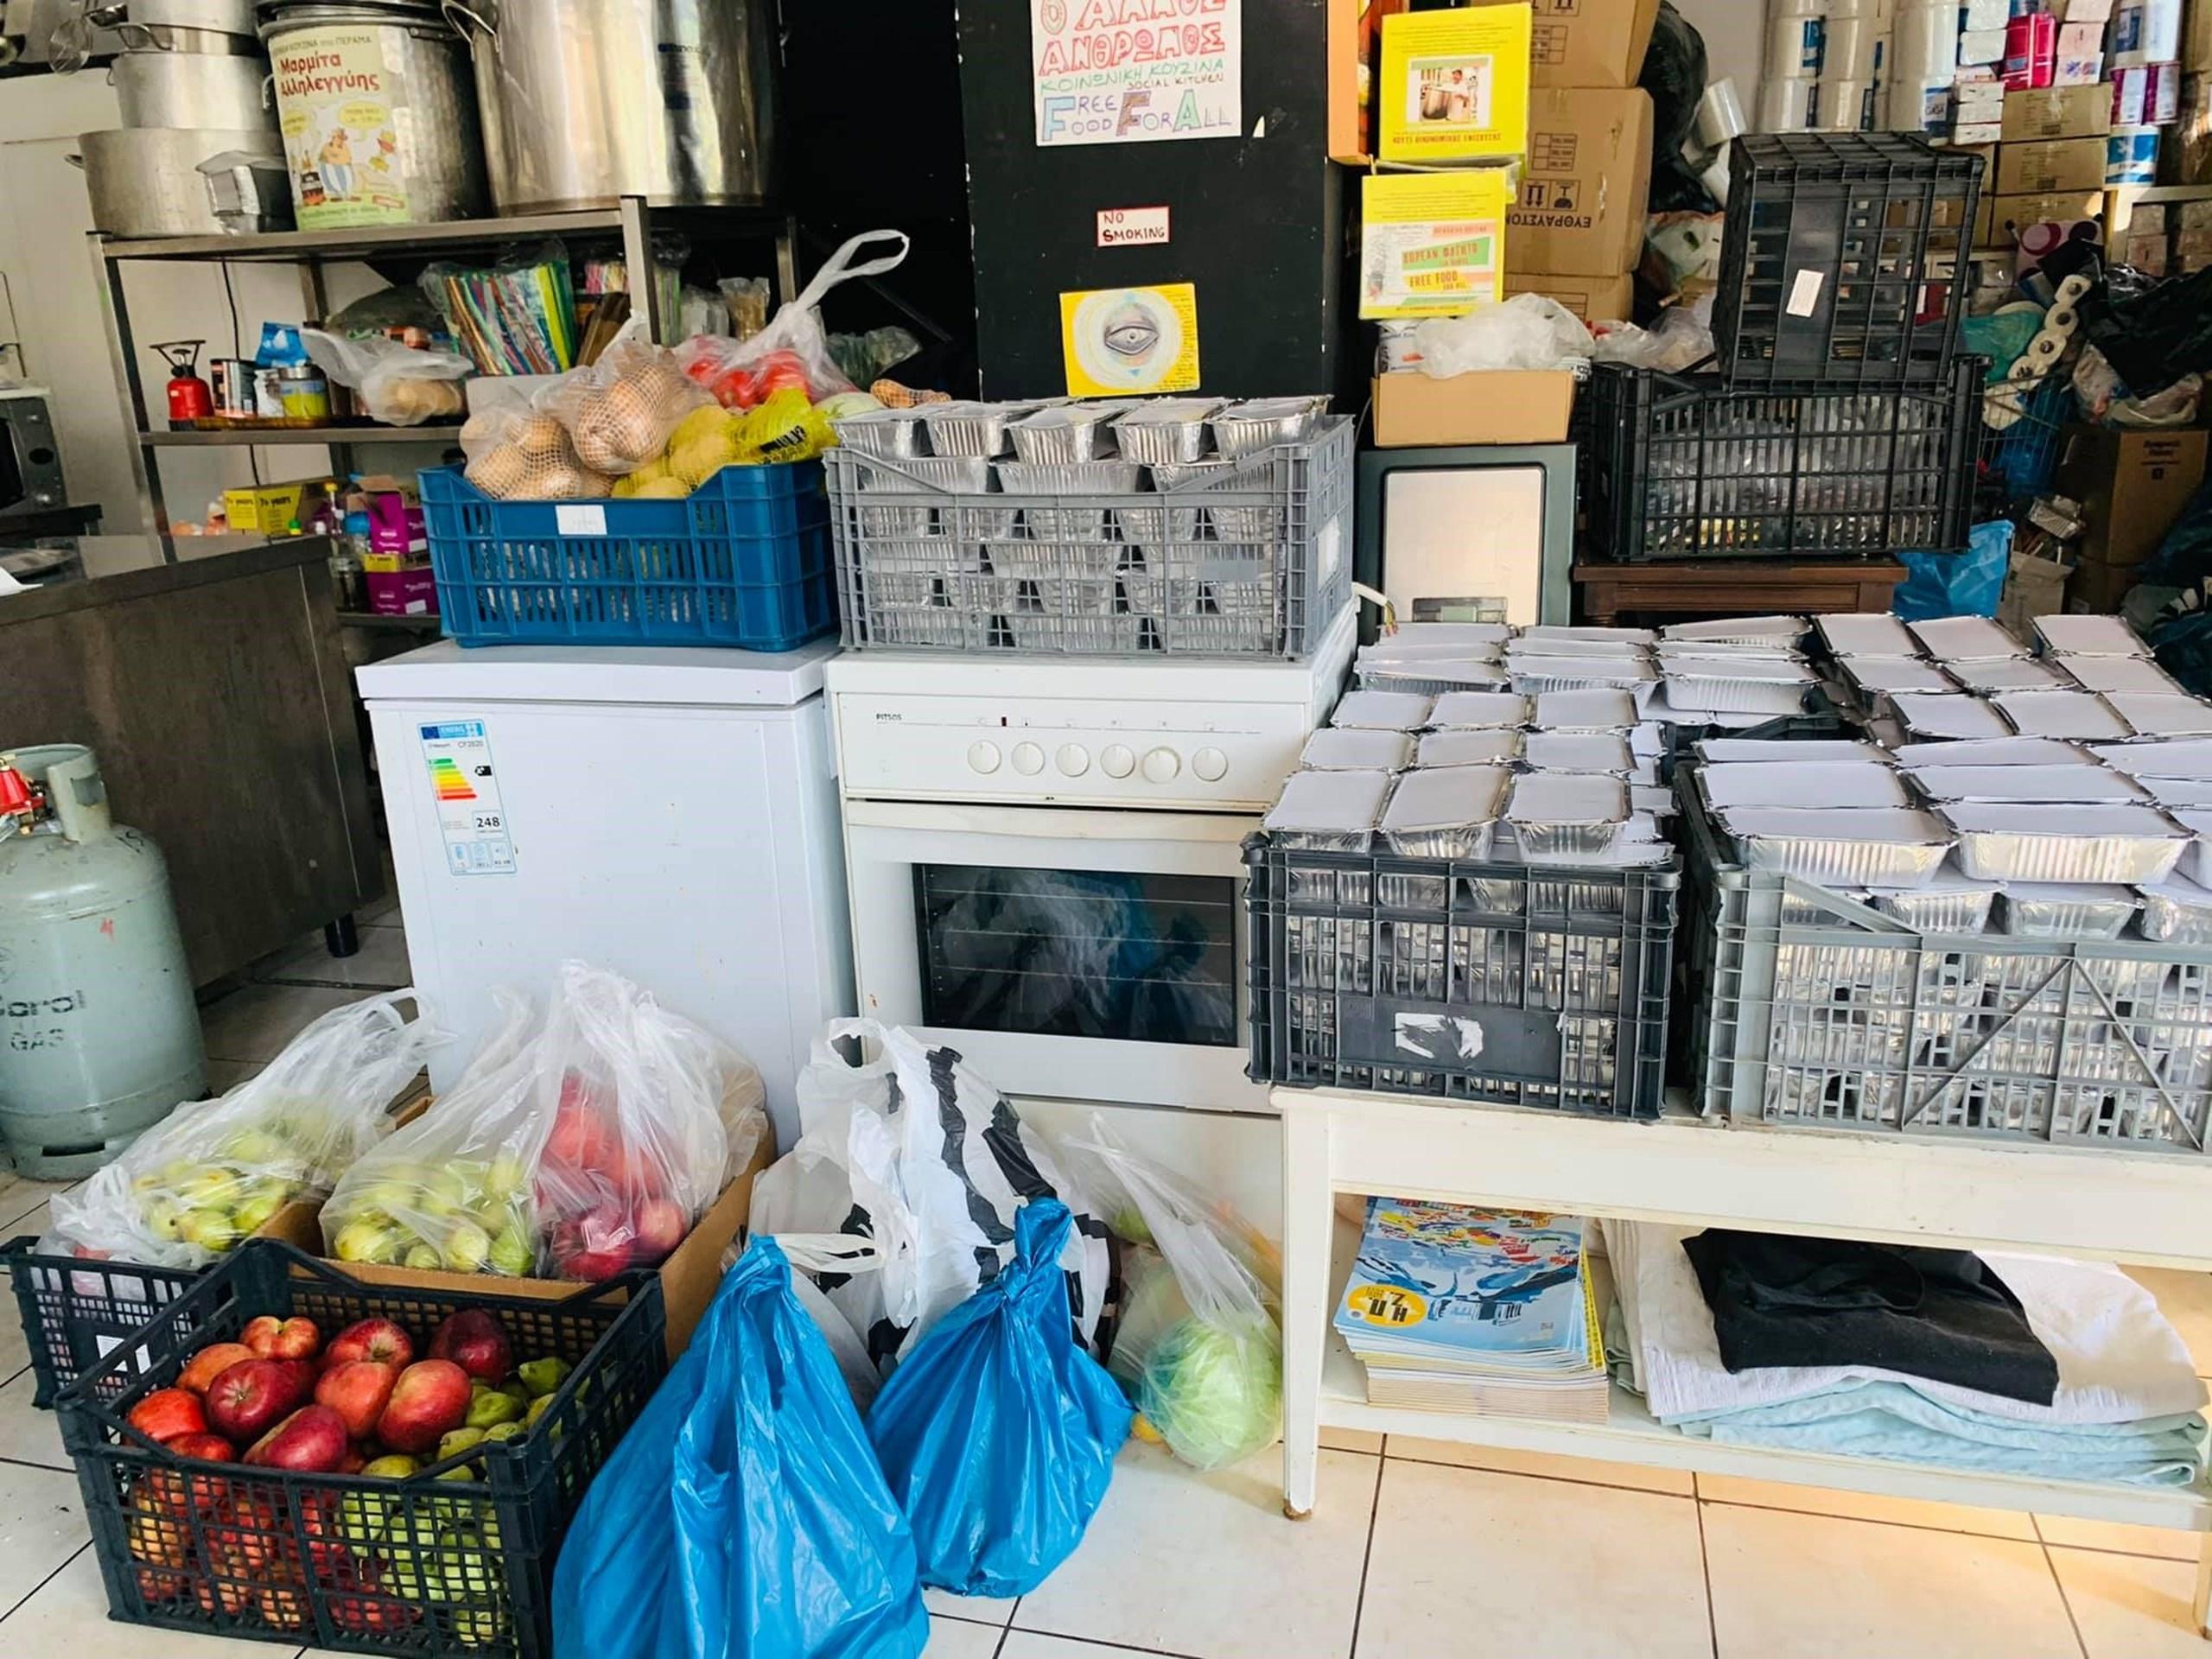 Τα ευπαθή προϊόντα στους Παιδικούς Σταθμούς του Δήμου μας, διανεμήθηκαν σε ανθρώπους που τα είχαν ανάγκη.